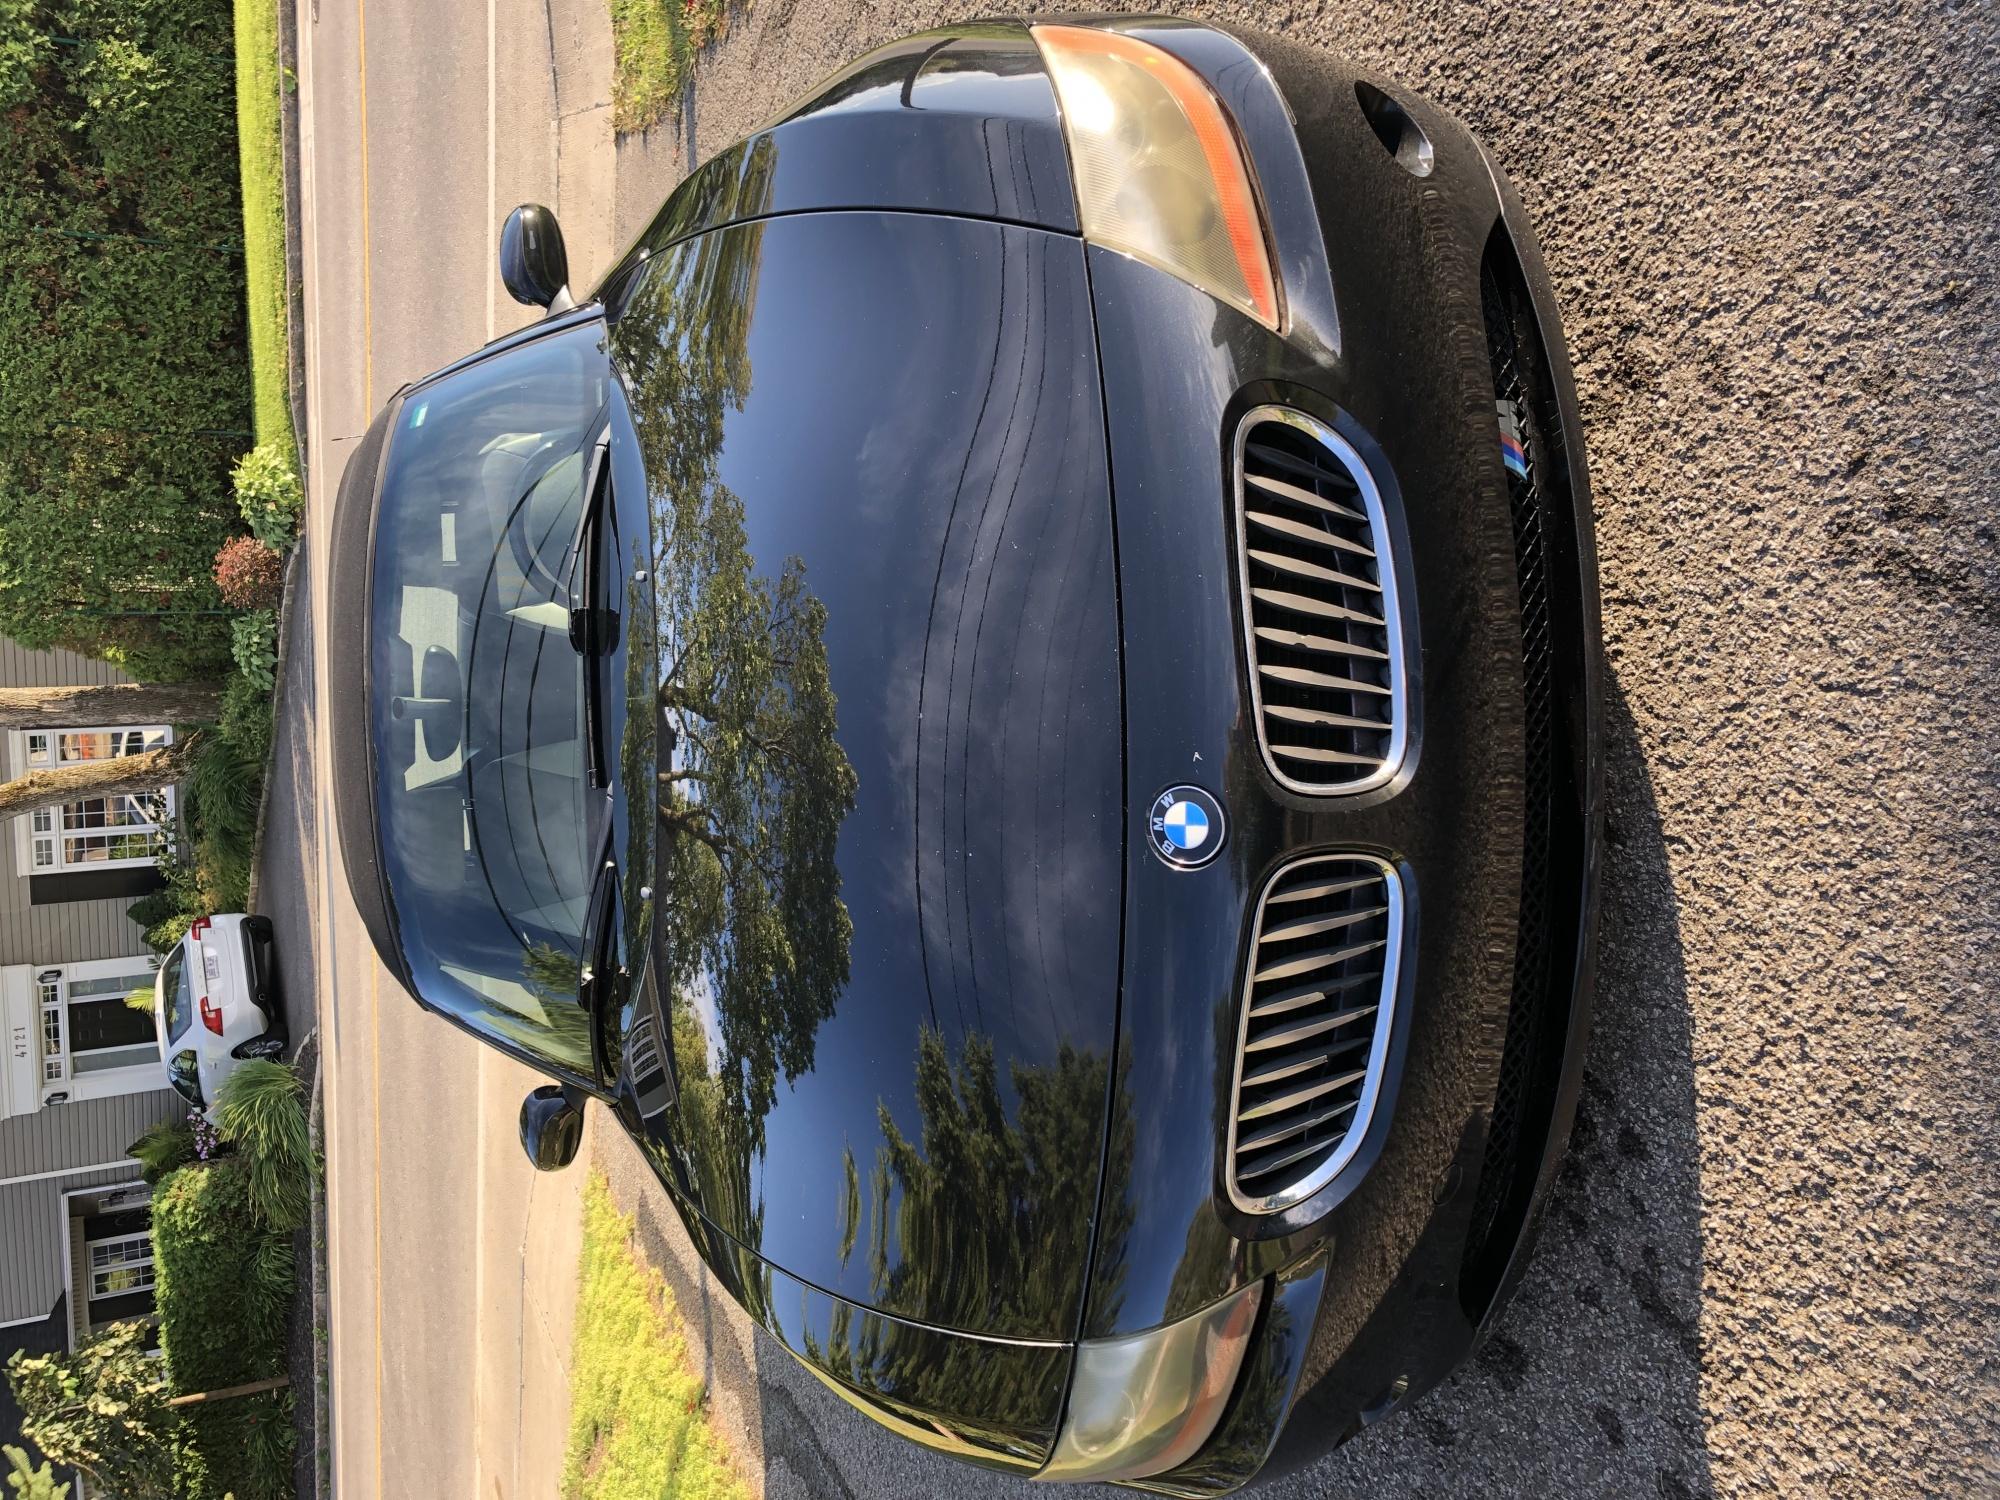 BMW Z4 - Photo 19-09-09 17 41 23